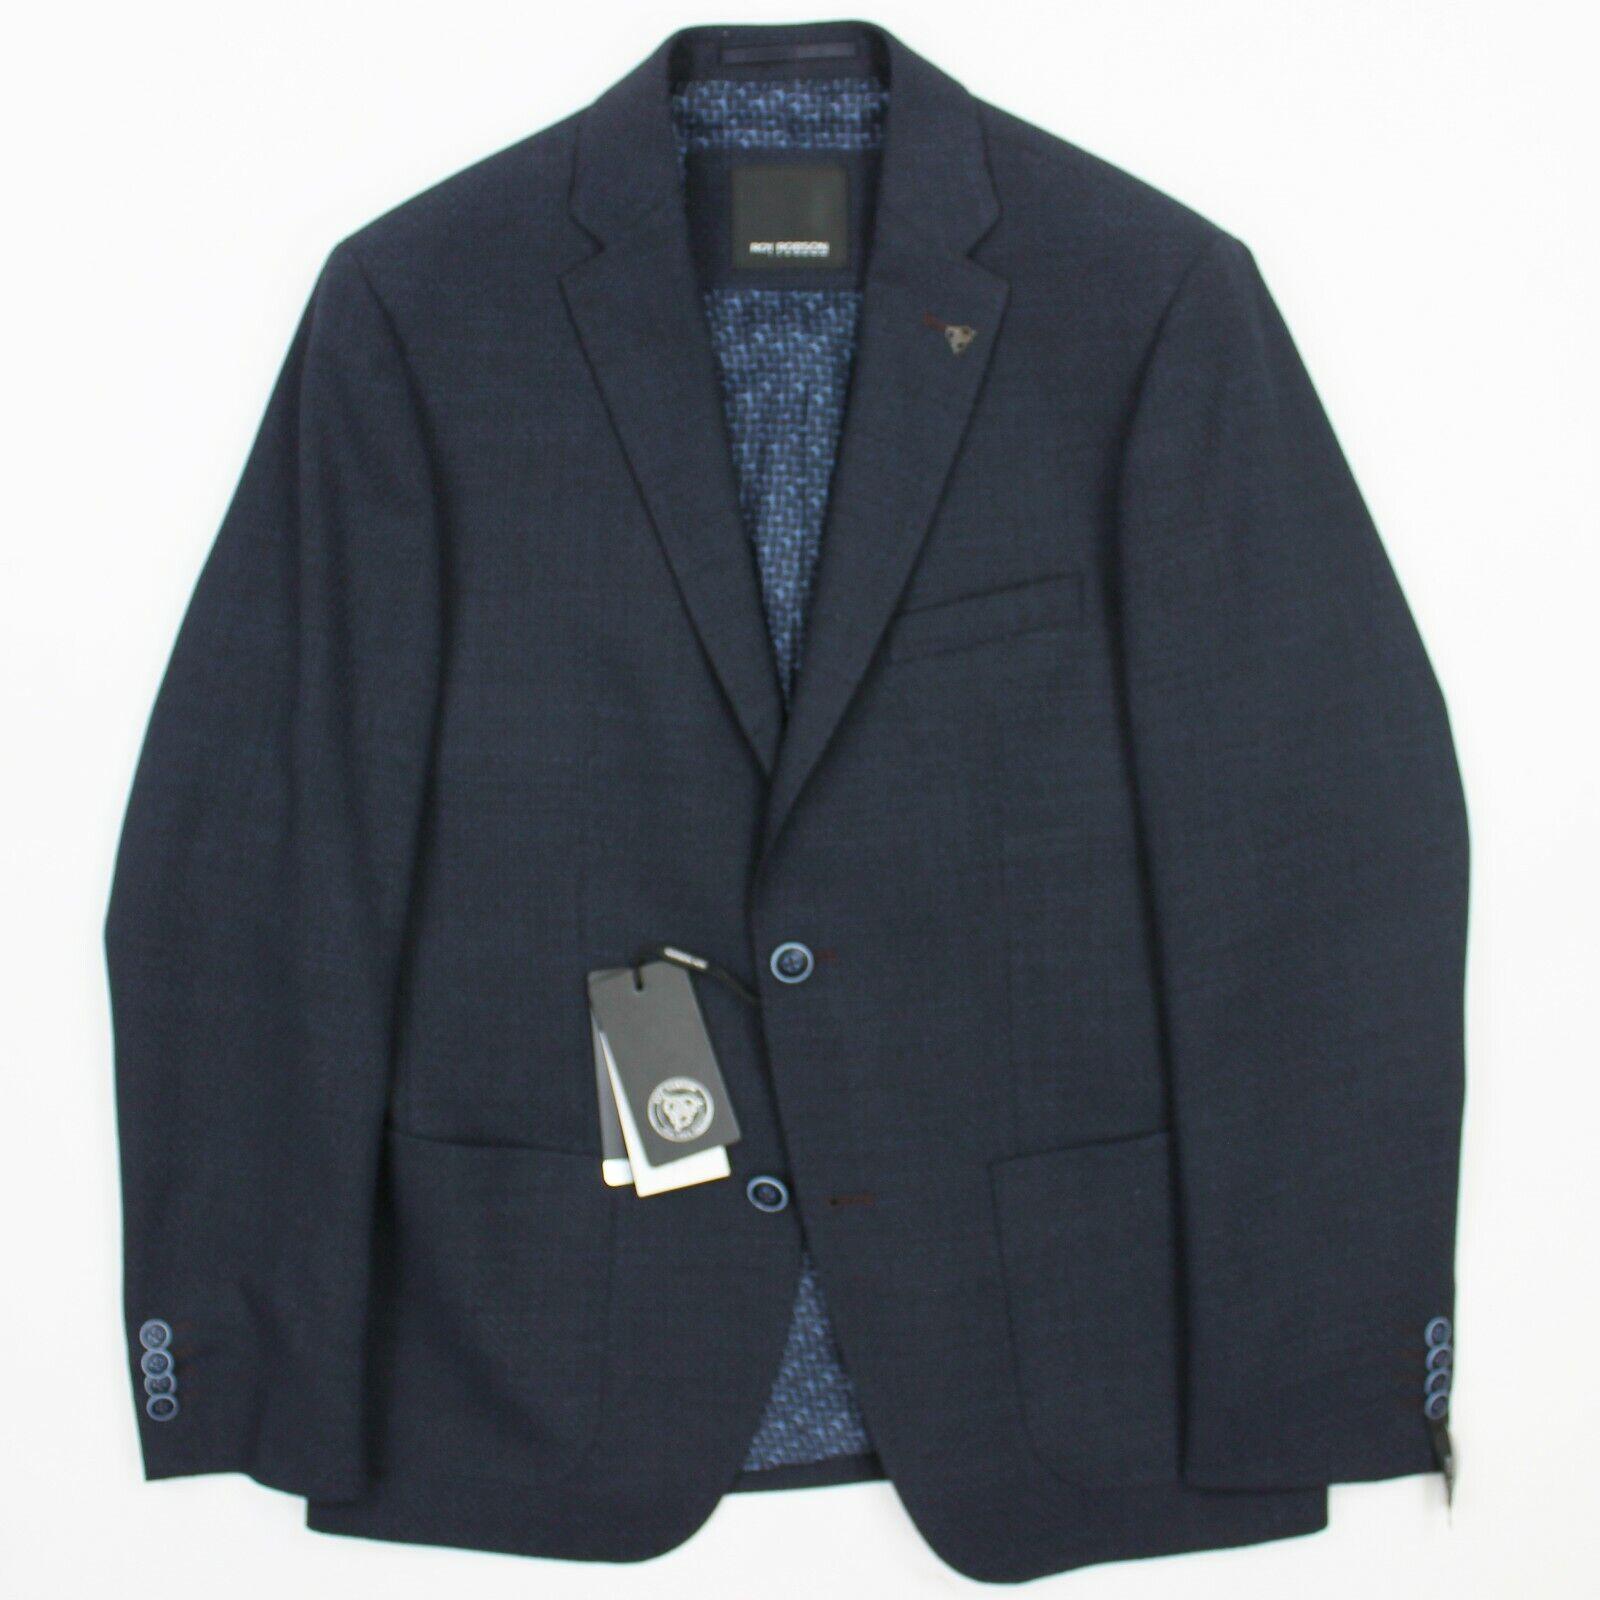 Roy Robson-Azul Marino  Tejido Mezcla De Lana Blazer - 50 UK40 -  el mejor servicio post-venta